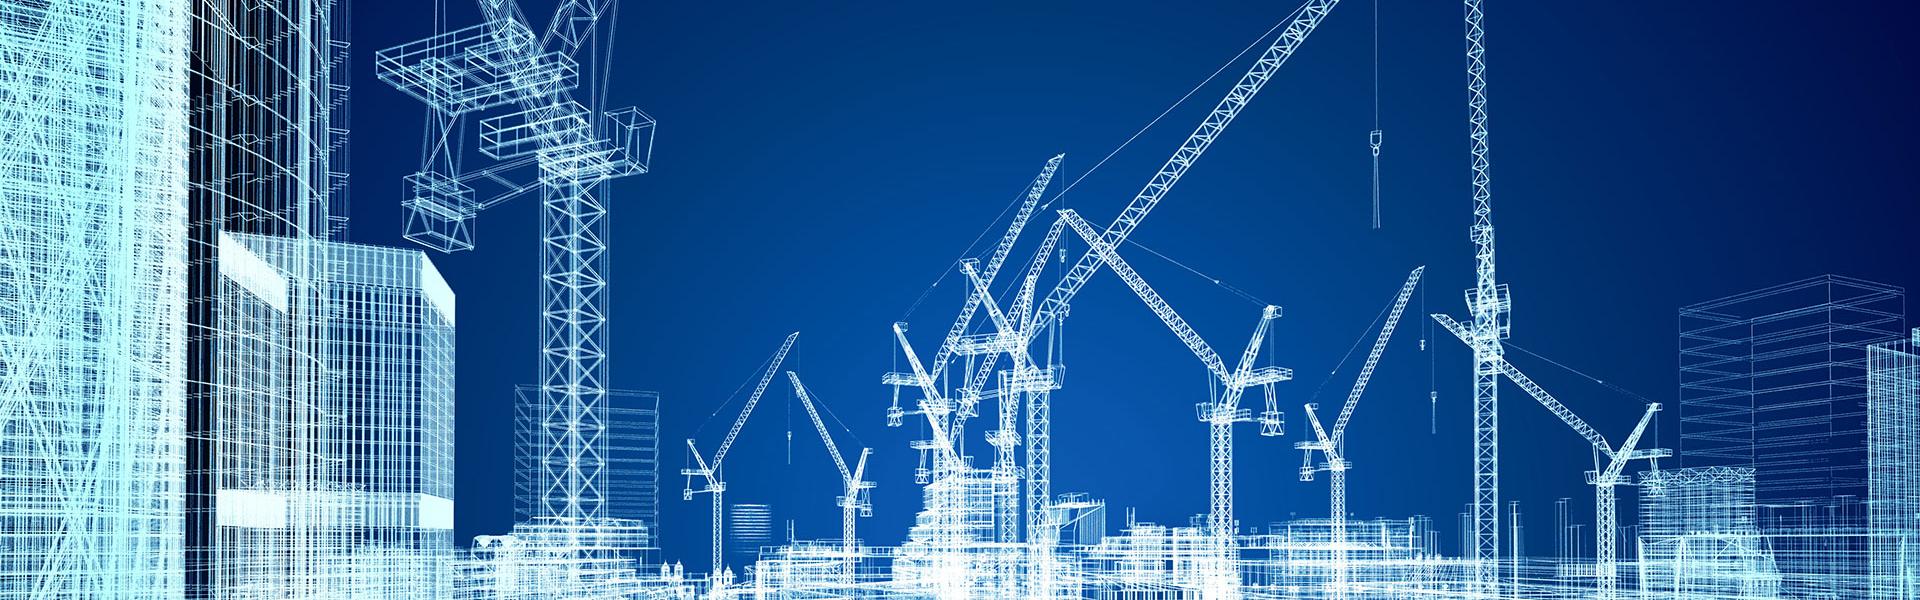 Fachforum planen-bauen-nutzen